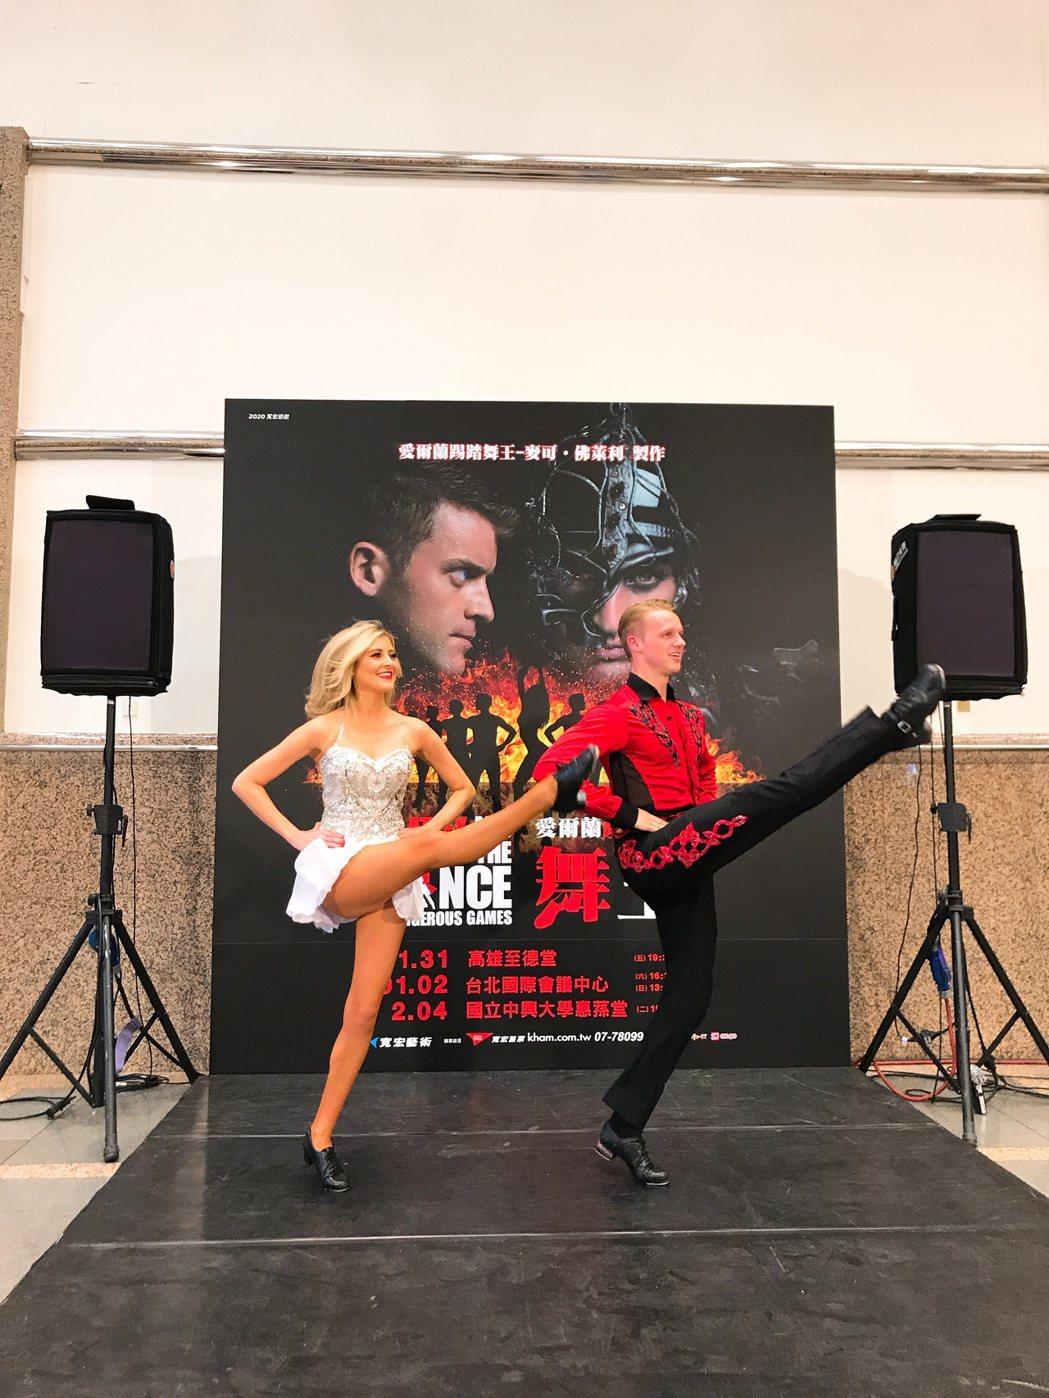 男舞者馬修史密斯、女舞者艾琳麥基拉薇特別北上宣告「舞王:危險遊戲」正式於北中南開...